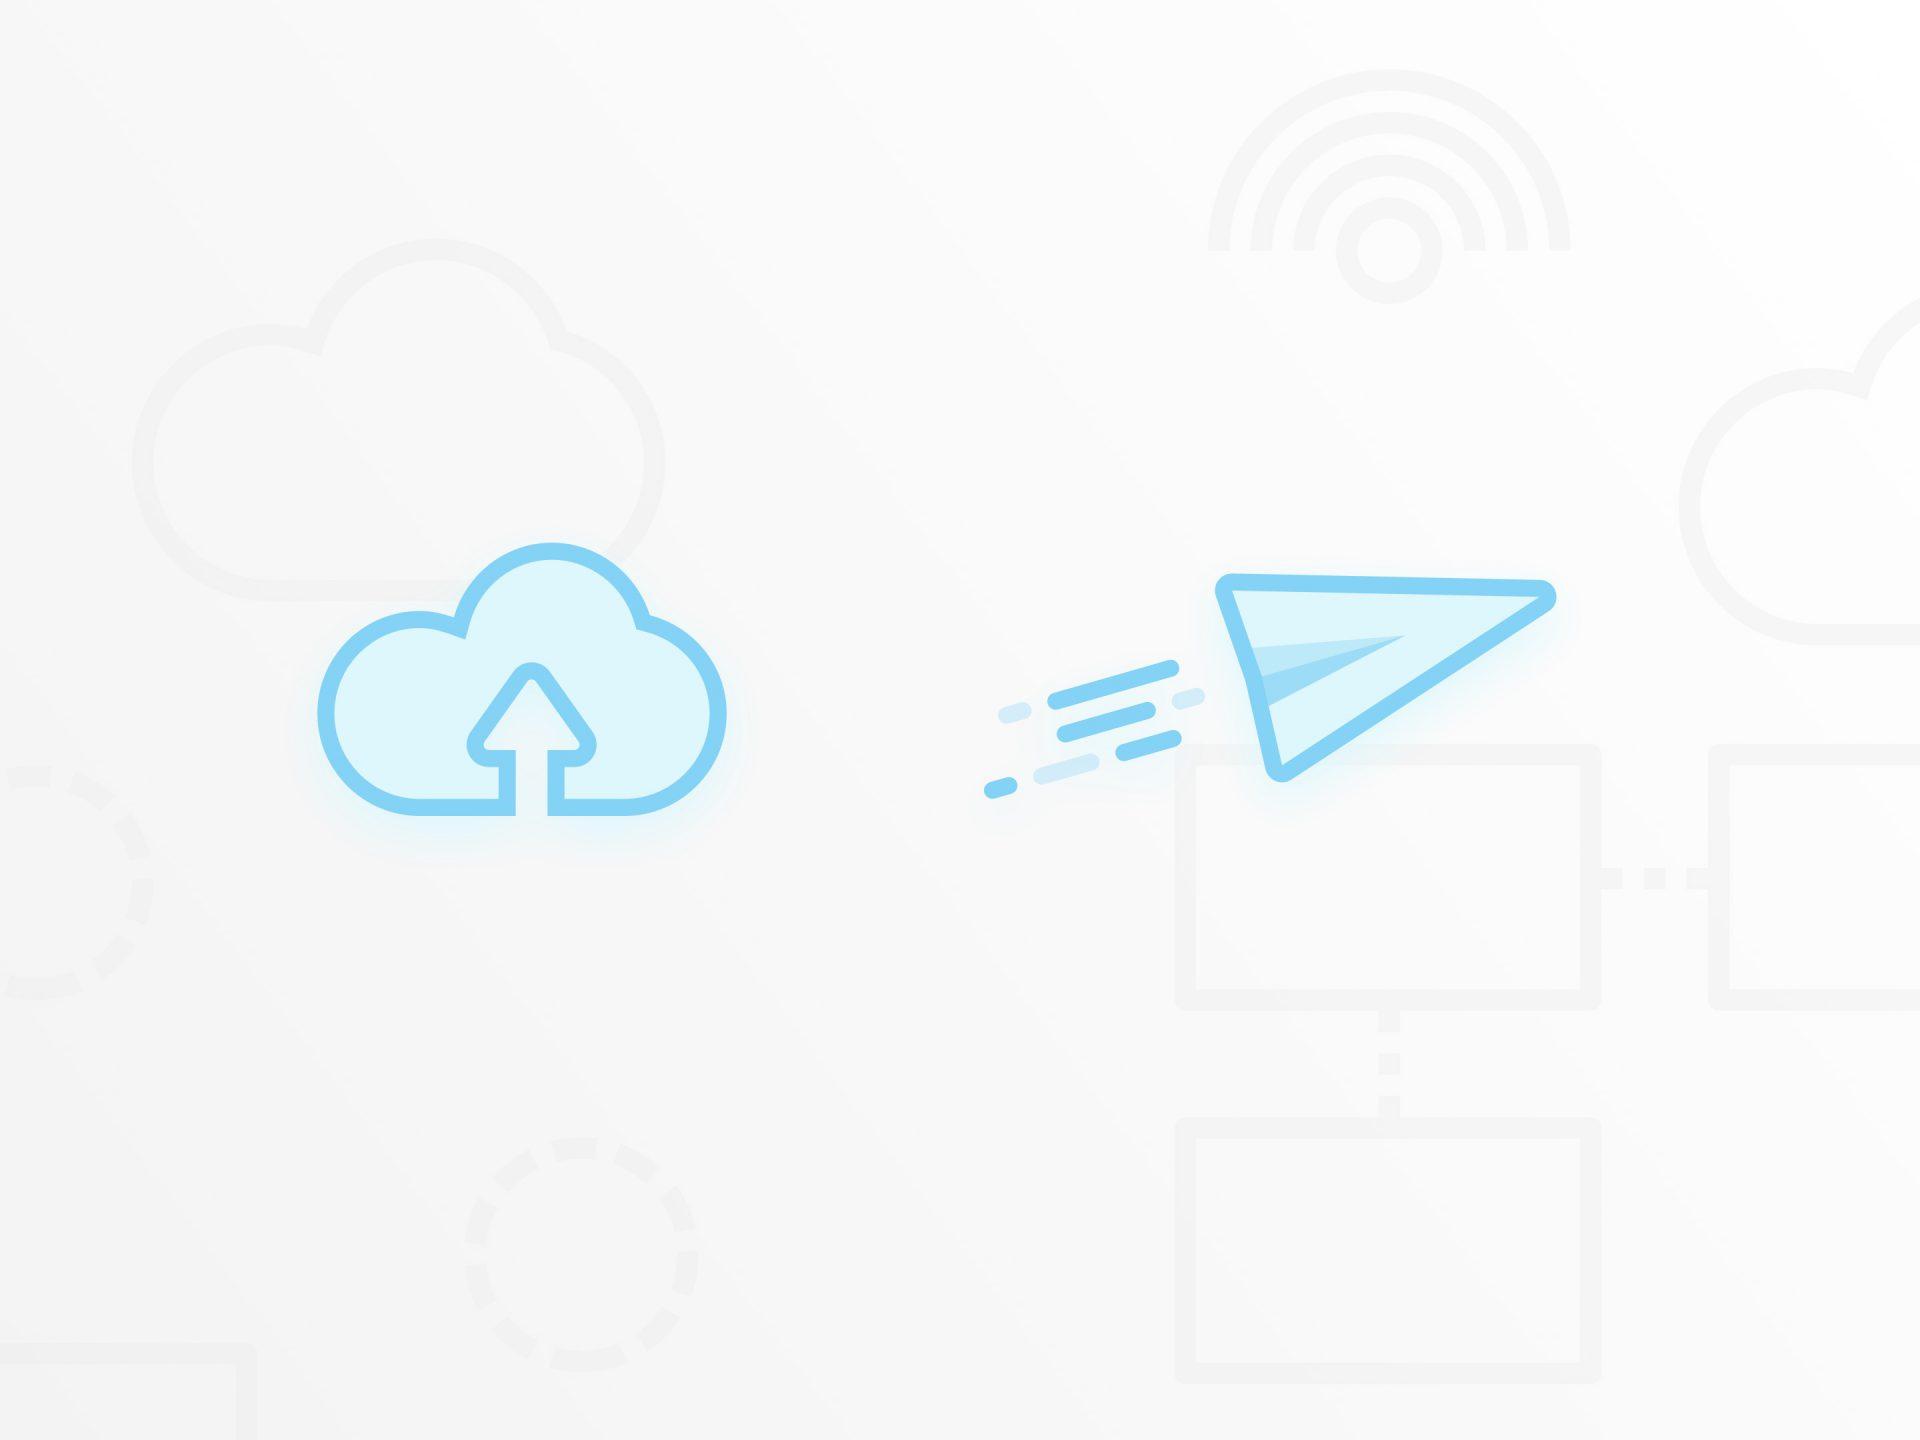 File Transfer UI - Icon design